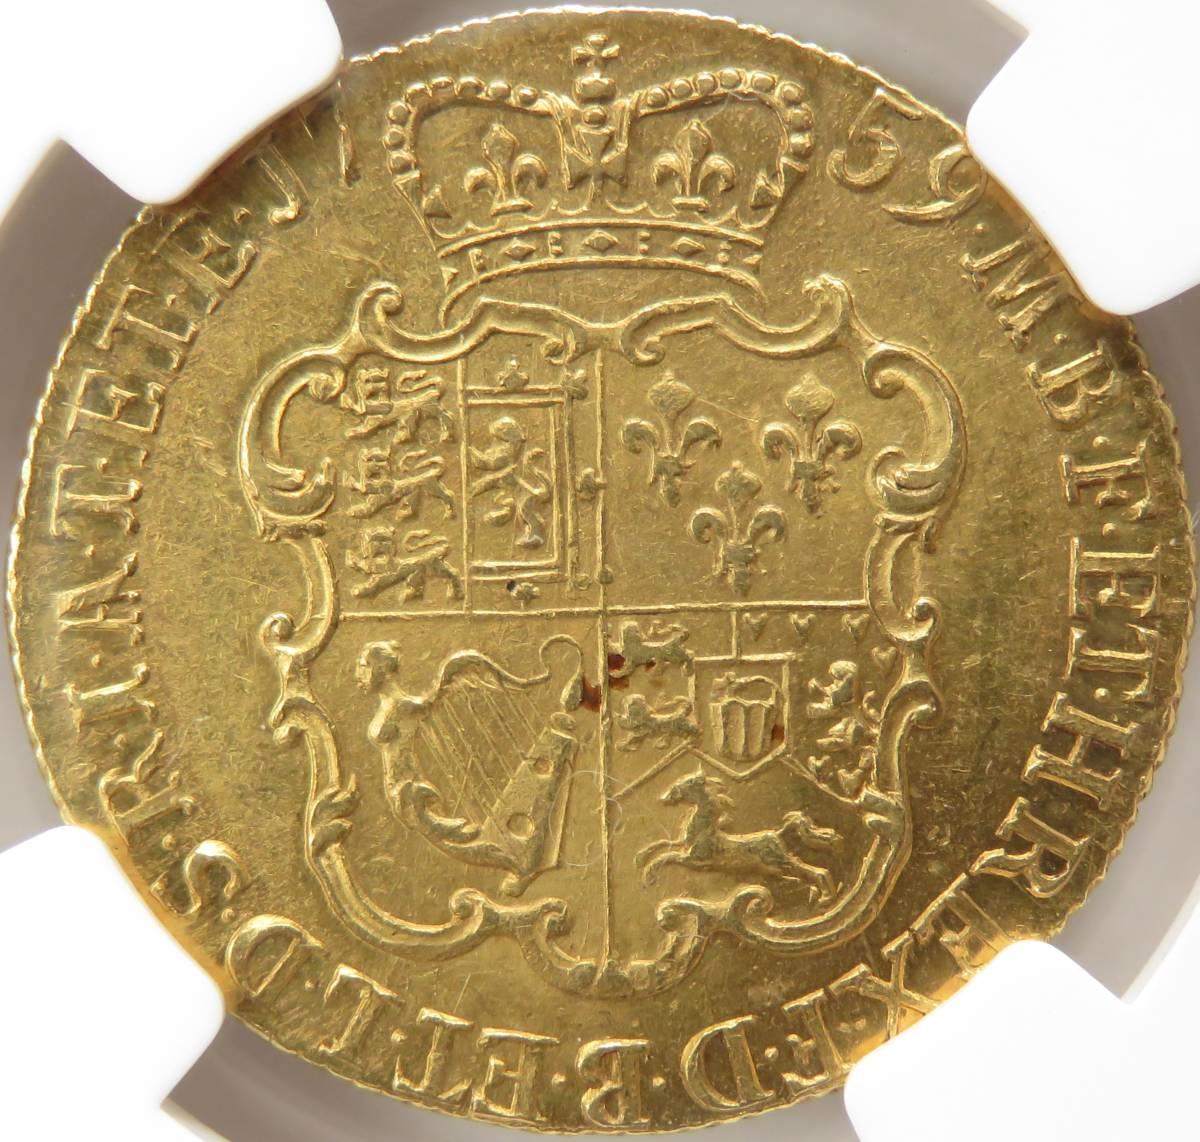 1759年 MS63 ギニー 金貨 ジョージ2世 イギリス NGC TOP POP 最高鑑定 UNC 未使用 S-3680 GUINEA オールド ハノーヴァー 紋章盾図 英国_ハノーヴァー選帝侯国と英国の統一紋章です